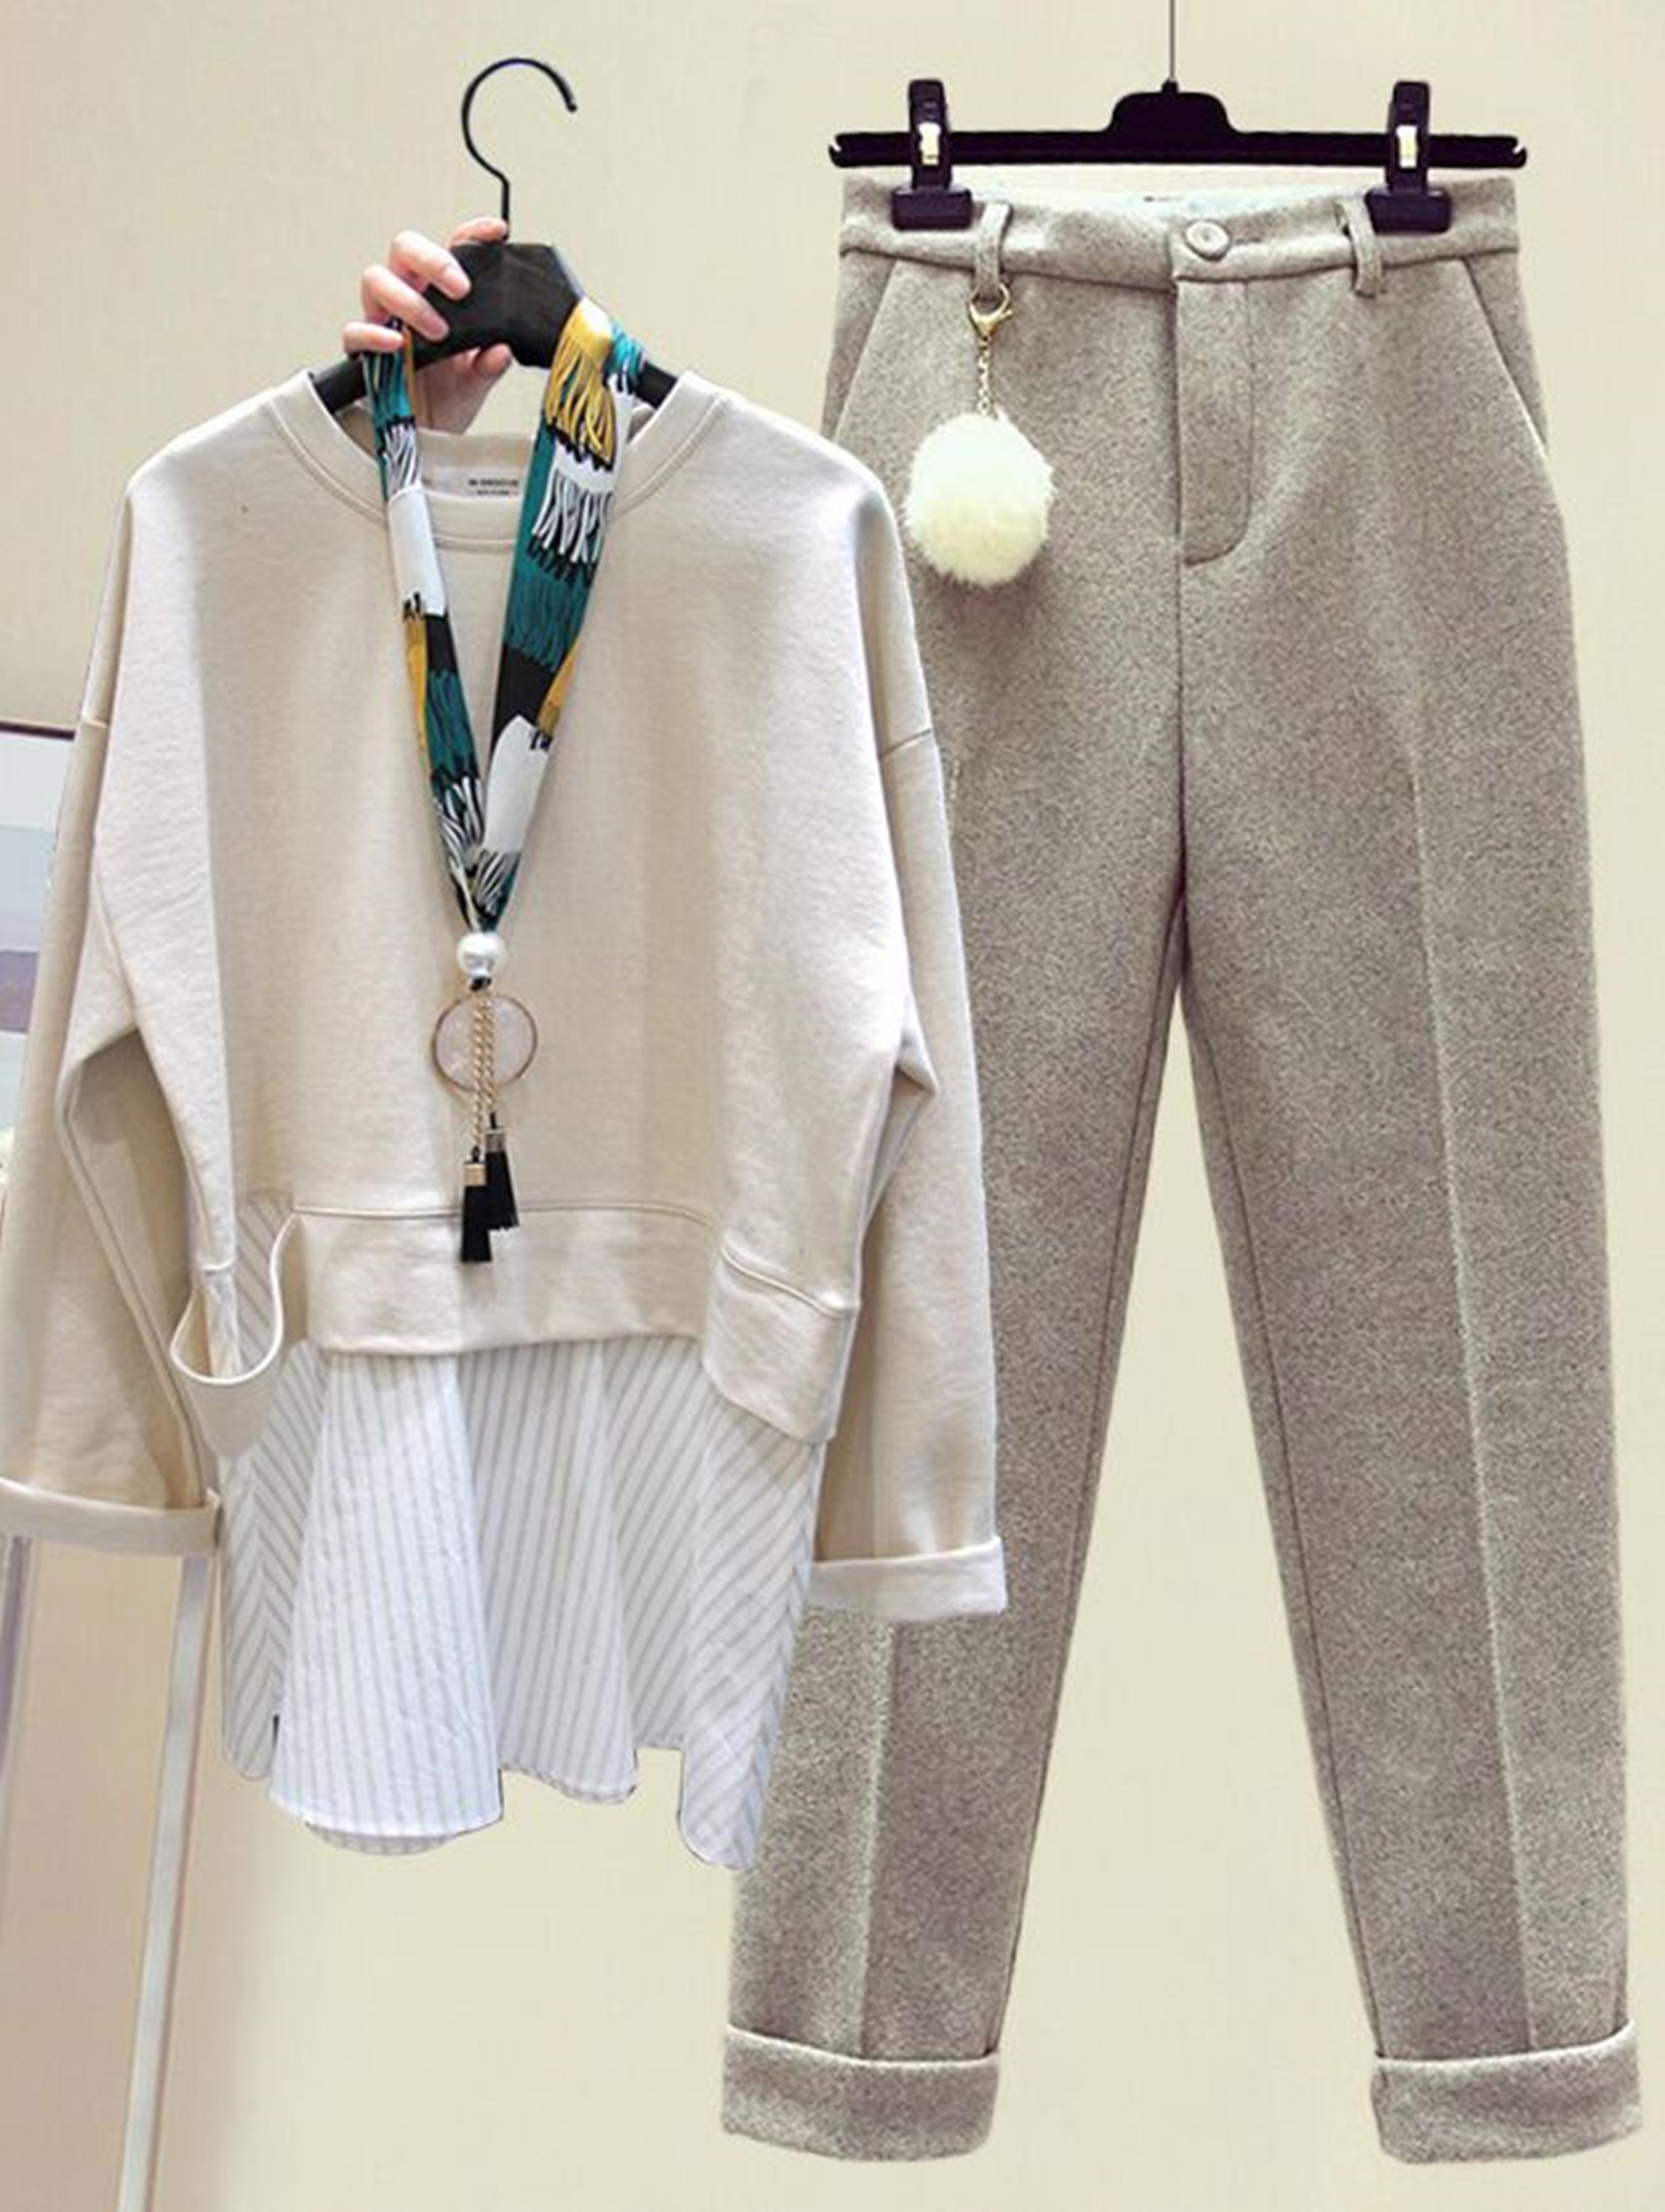 小个子时尚套装冬季新款宽松假两件套头卫衣高腰加厚毛呢裤两件套